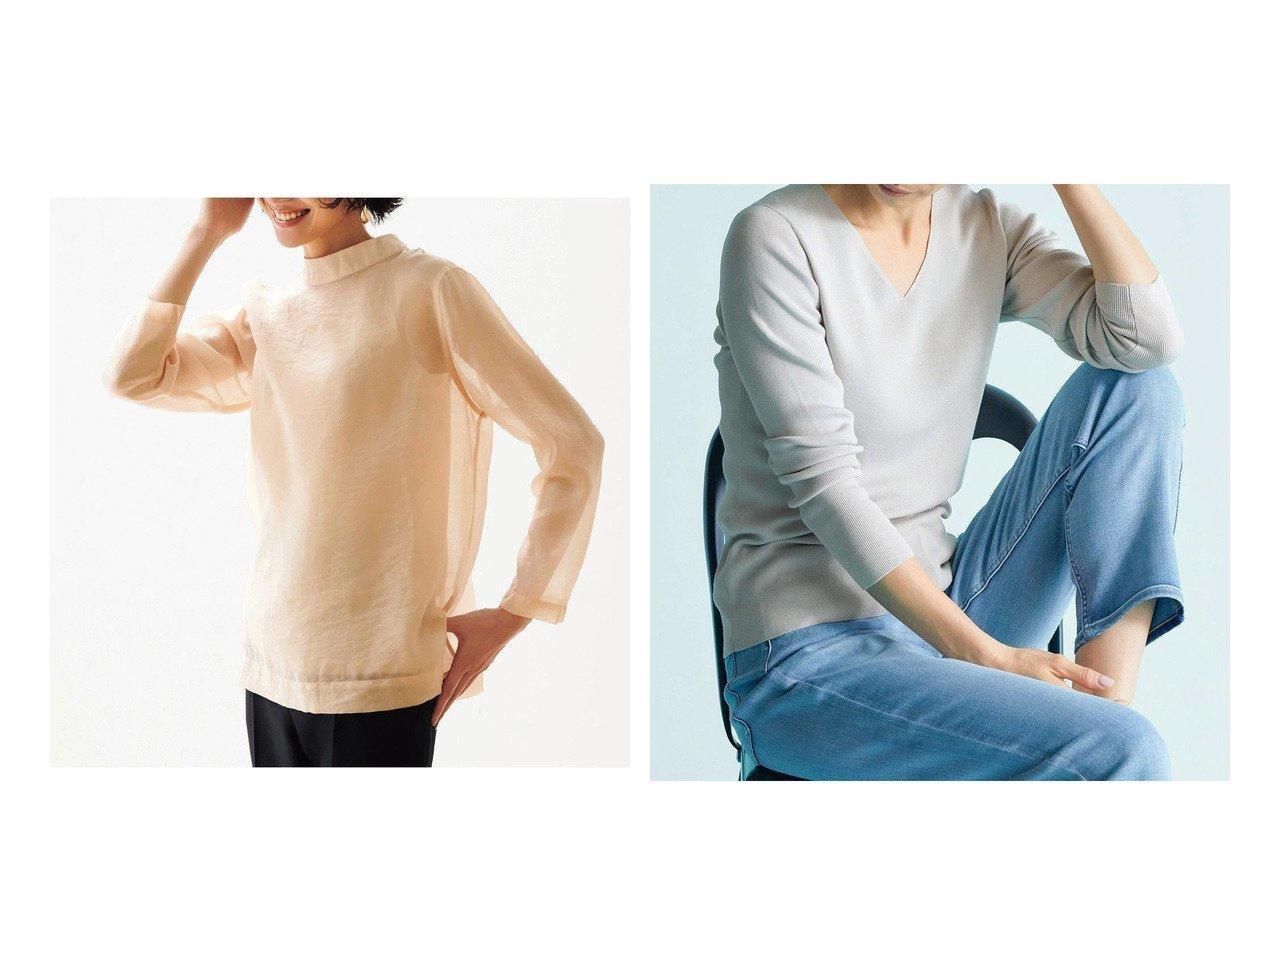 【DoCLASSE/ドゥクラッセ】のシアークロス・ハイネックブラウス&総針編み・Vネックニット 40代、50代の女性におすすめ!人気トレンド・ファッションの通販 おすすめで人気の流行・トレンド、ファッションの通販商品 メンズファッション・キッズファッション・インテリア・家具・レディースファッション・服の通販 founy(ファニー) https://founy.com/ ファッション Fashion レディースファッション WOMEN トップス・カットソー Tops/Tshirt シャツ/ブラウス Shirts/Blouses ニット Knit Tops Vネック V-Neck ハイネック インナー カットソー シルク ジャケット |ID:crp329100000028120